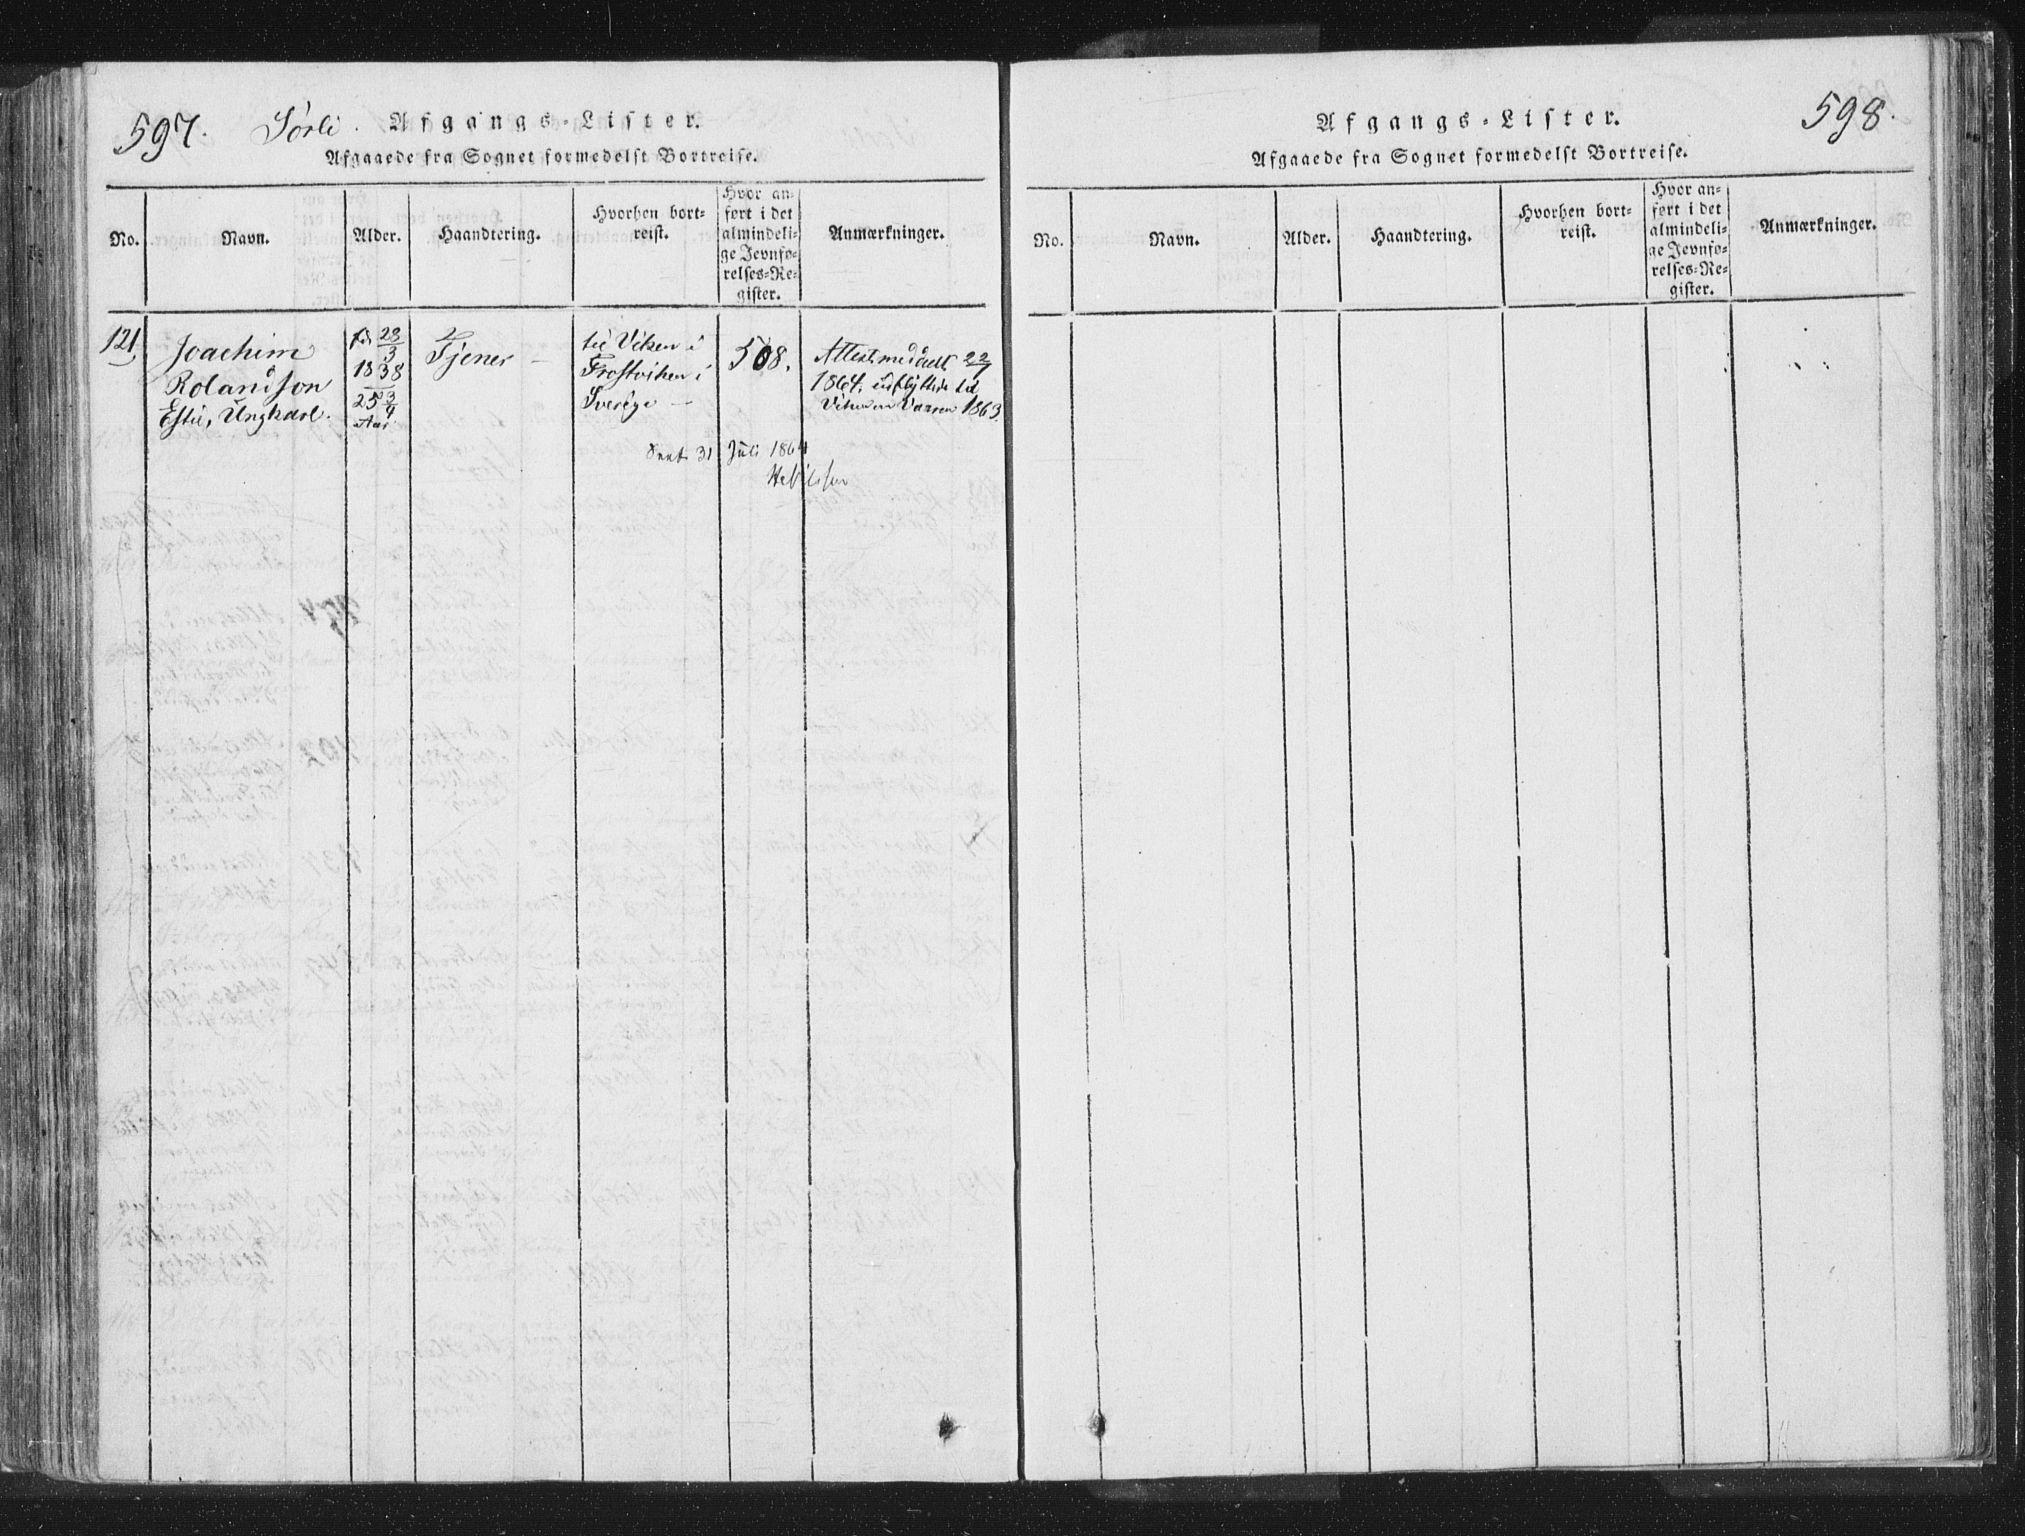 SAT, Ministerialprotokoller, klokkerbøker og fødselsregistre - Nord-Trøndelag, 755/L0491: Ministerialbok nr. 755A01 /2, 1817-1864, s. 597-598